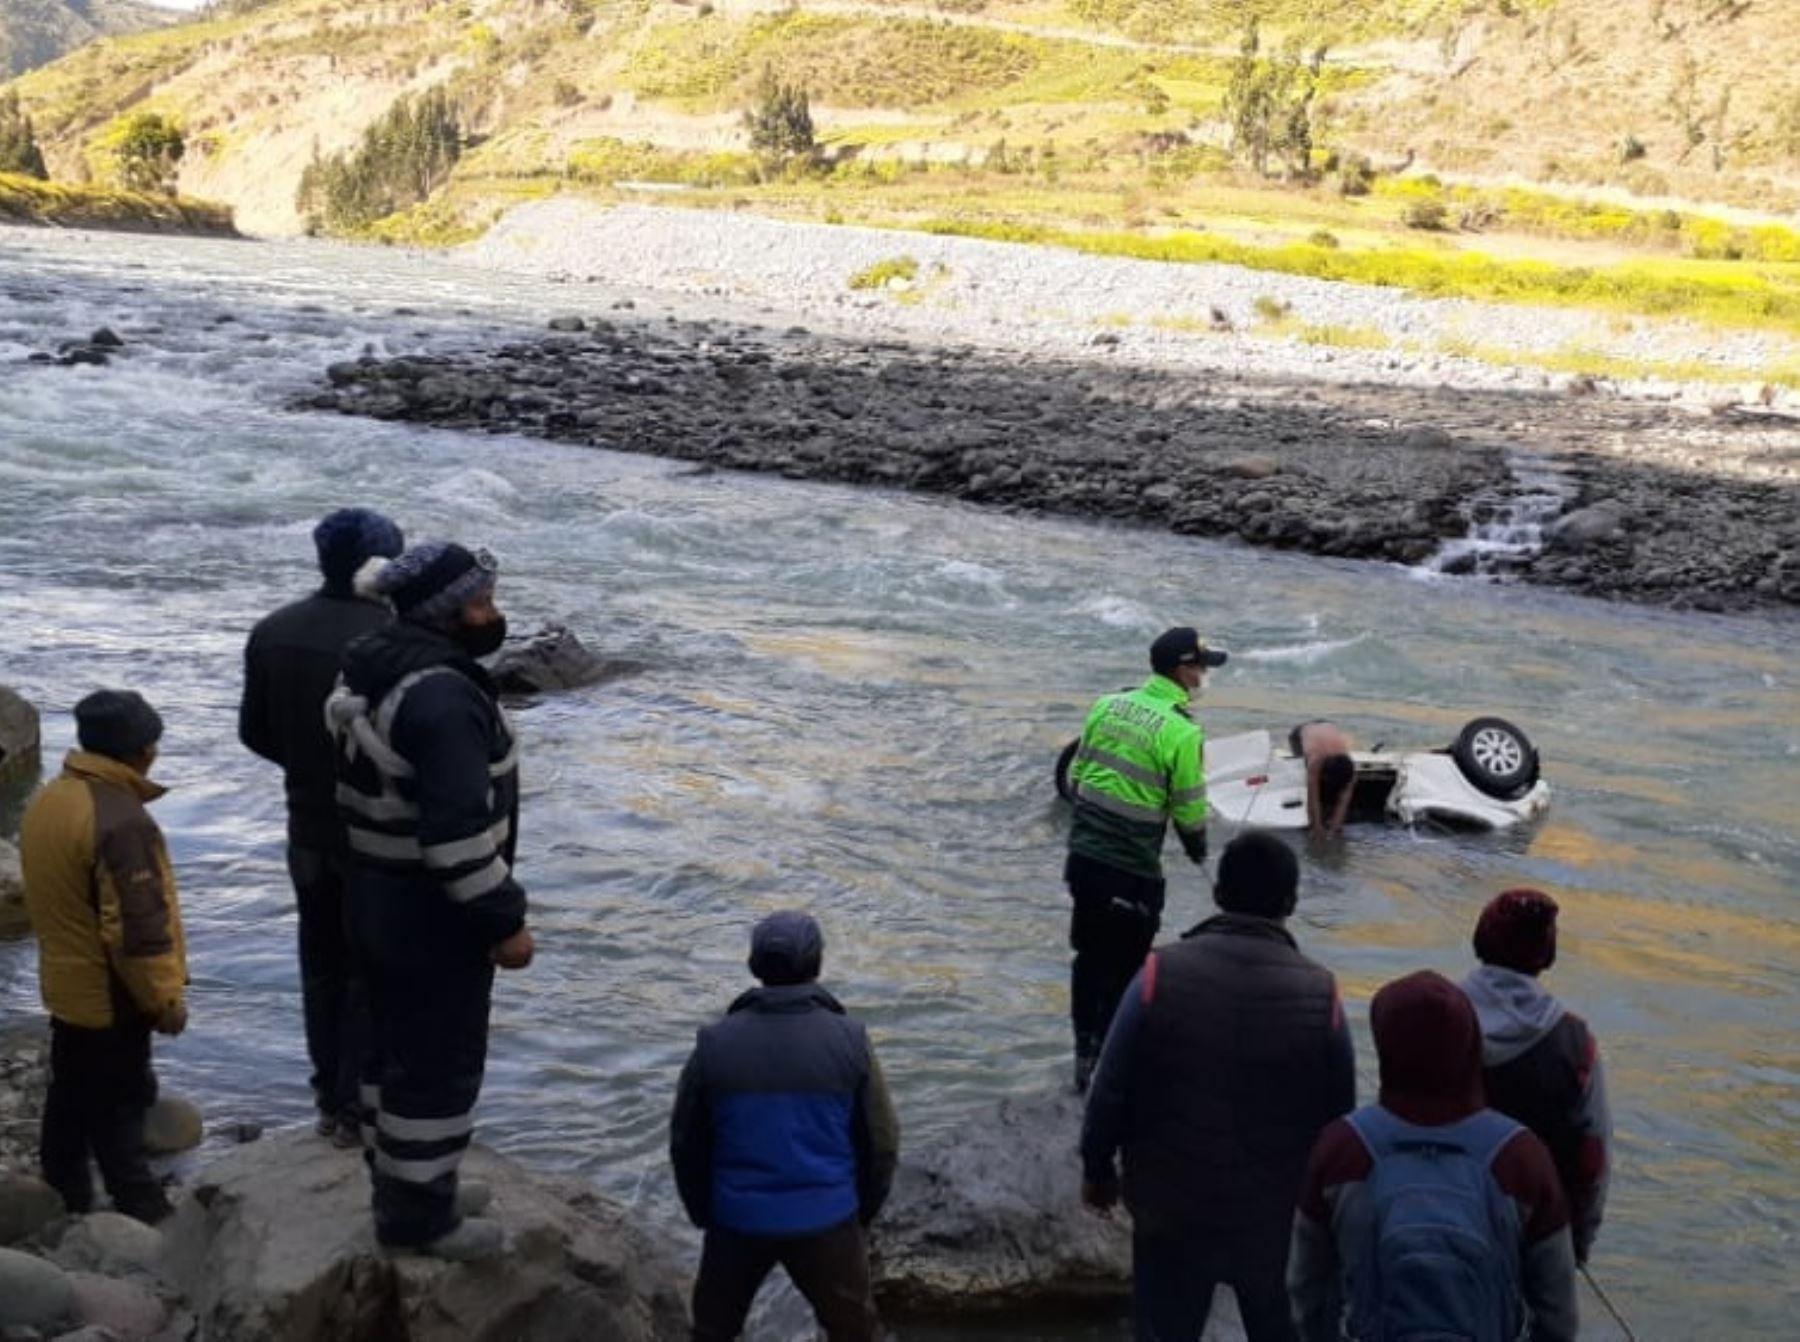 Vehículo sufre despiste y cae al río Mapacho, provincia de Paucartambo, en Cusco. El accidente dejó dos muertos, tres heridos y un desaparecido.